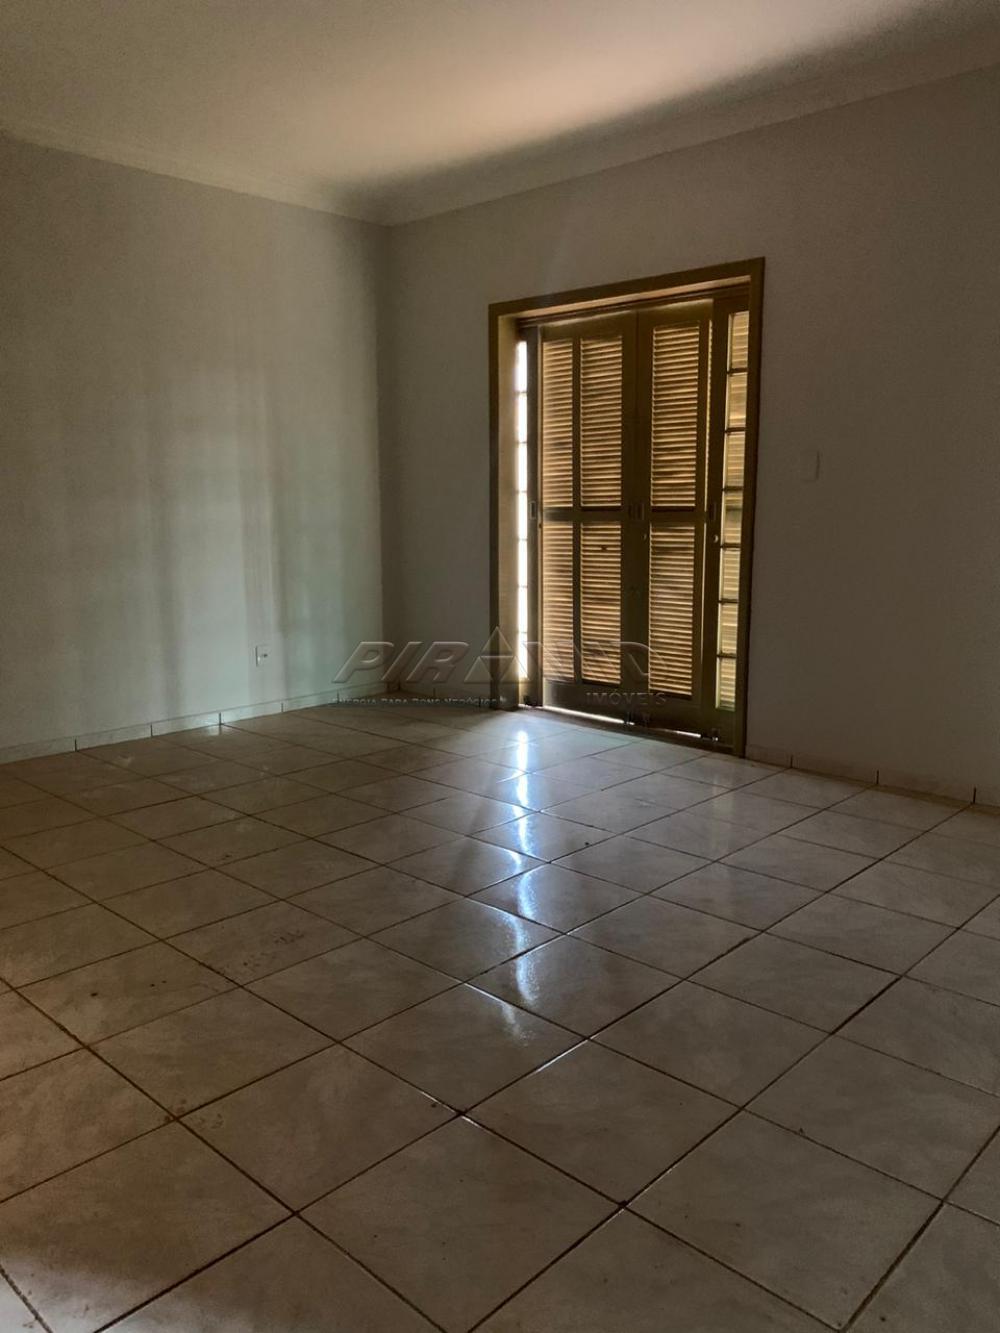 Alugar Comercial / Prédio em Ribeirão Preto apenas R$ 4.500,00 - Foto 10